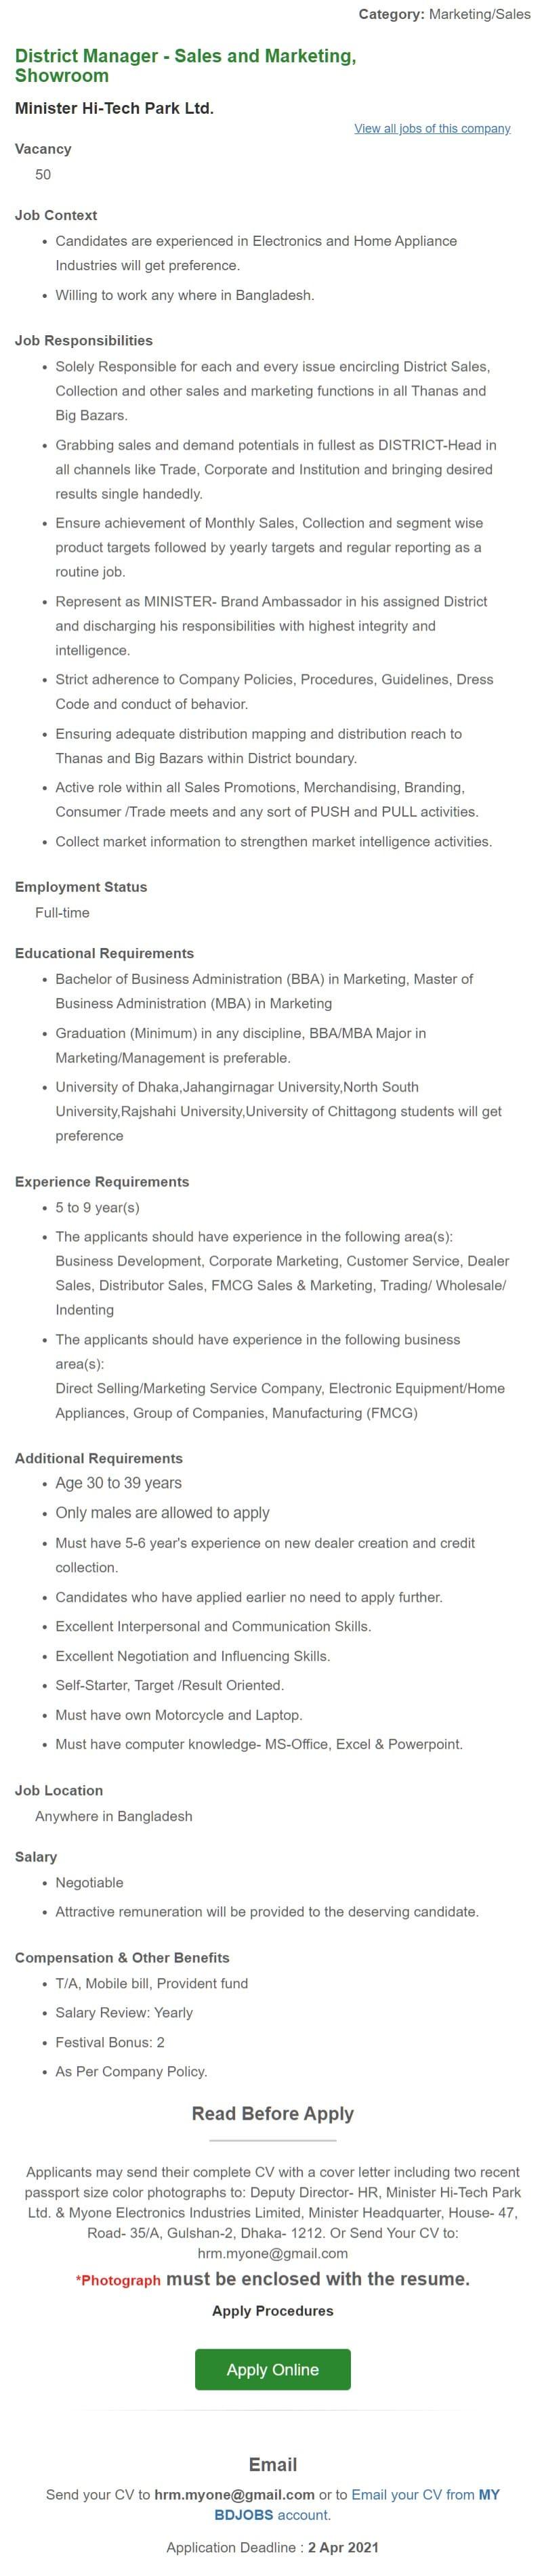 Minister Hi Tech Park Ltd Job Circular 2021